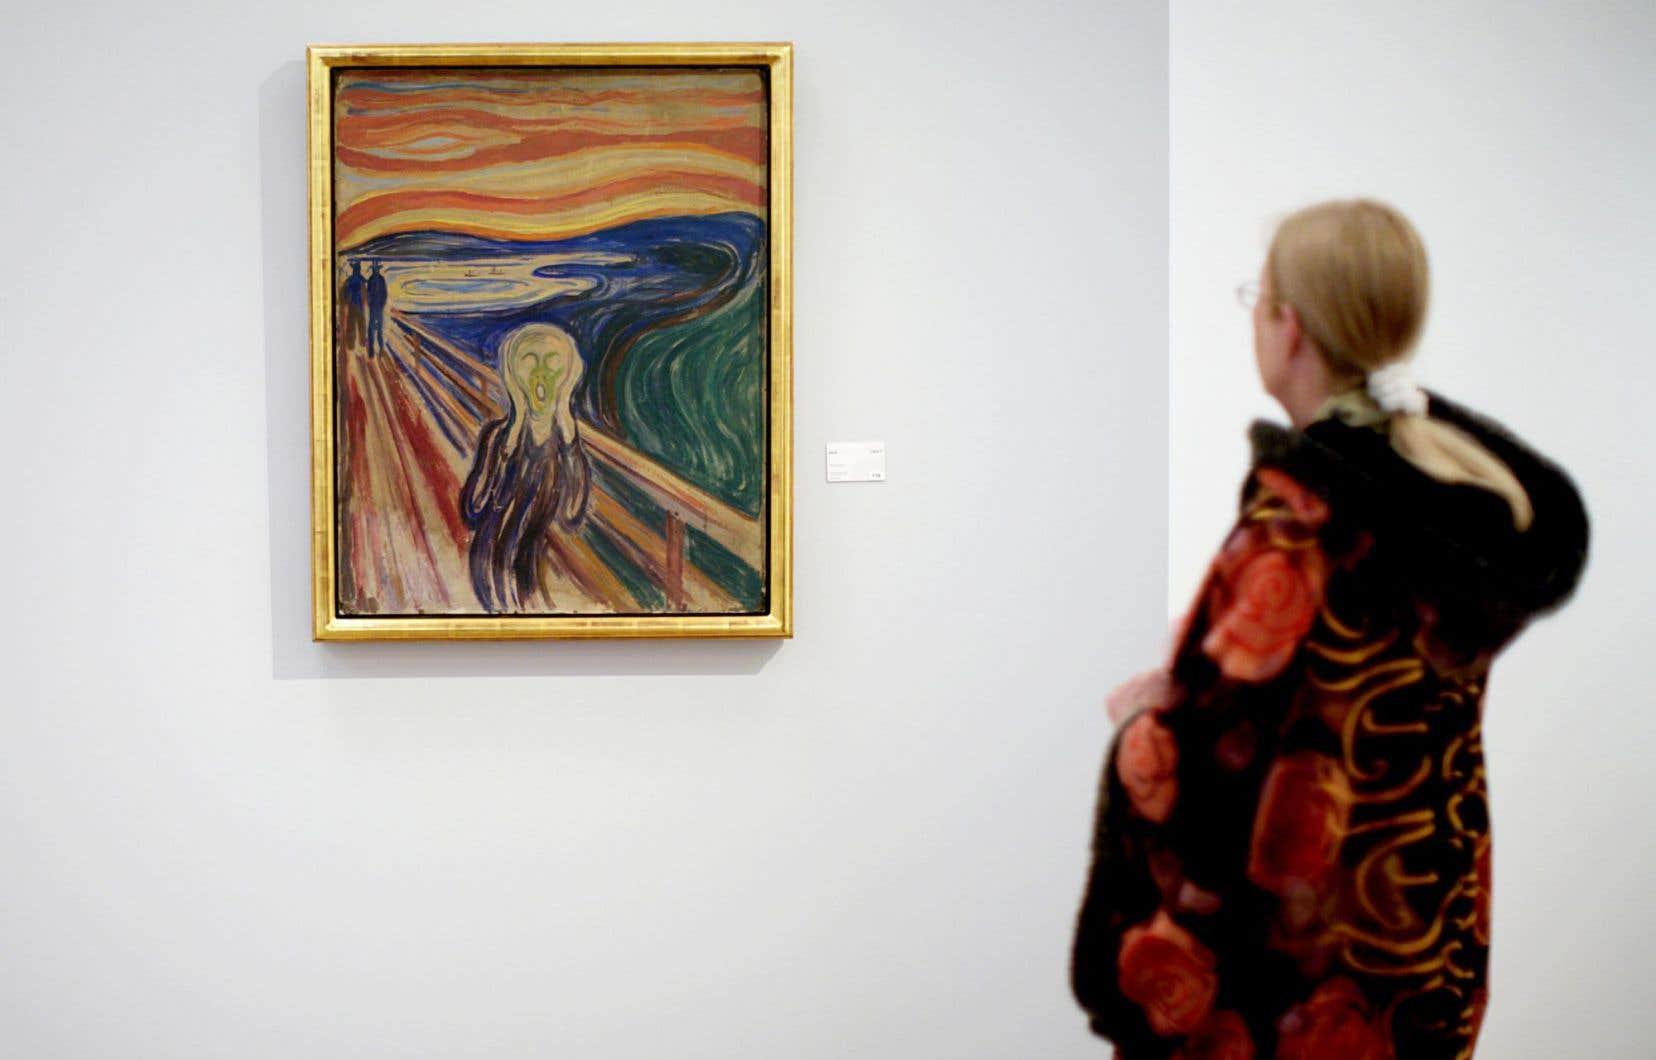 La peinture «Le cri» d'Edvard Munch